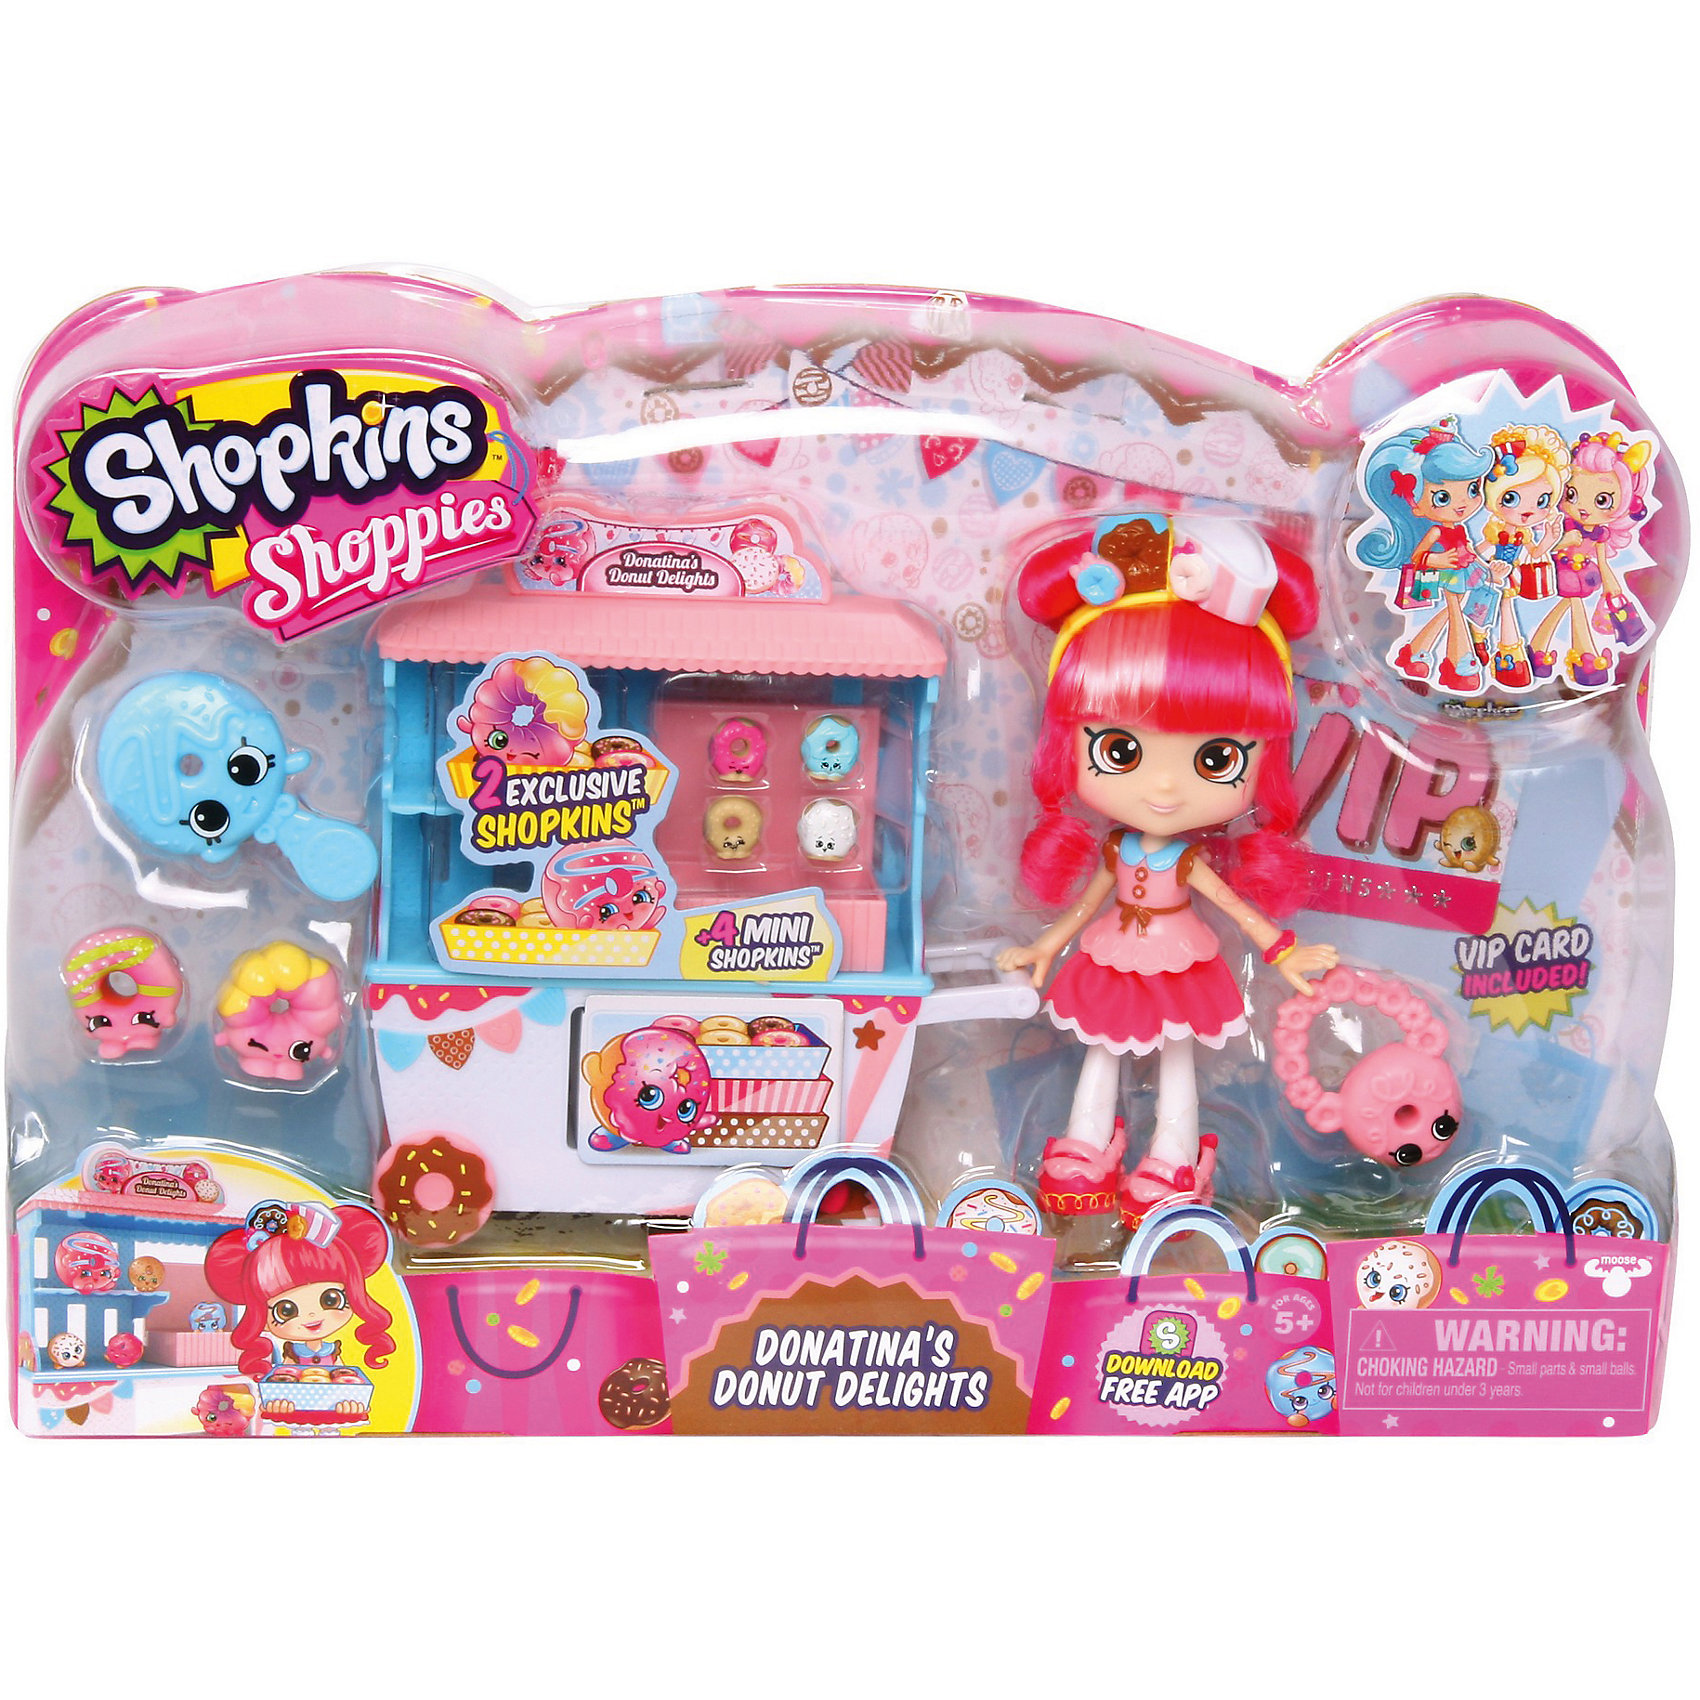 Moose Игровой набор Пончик Счастья Донатины, Shopkins фигурки игрушки moose кукла шоппиес джессикейк